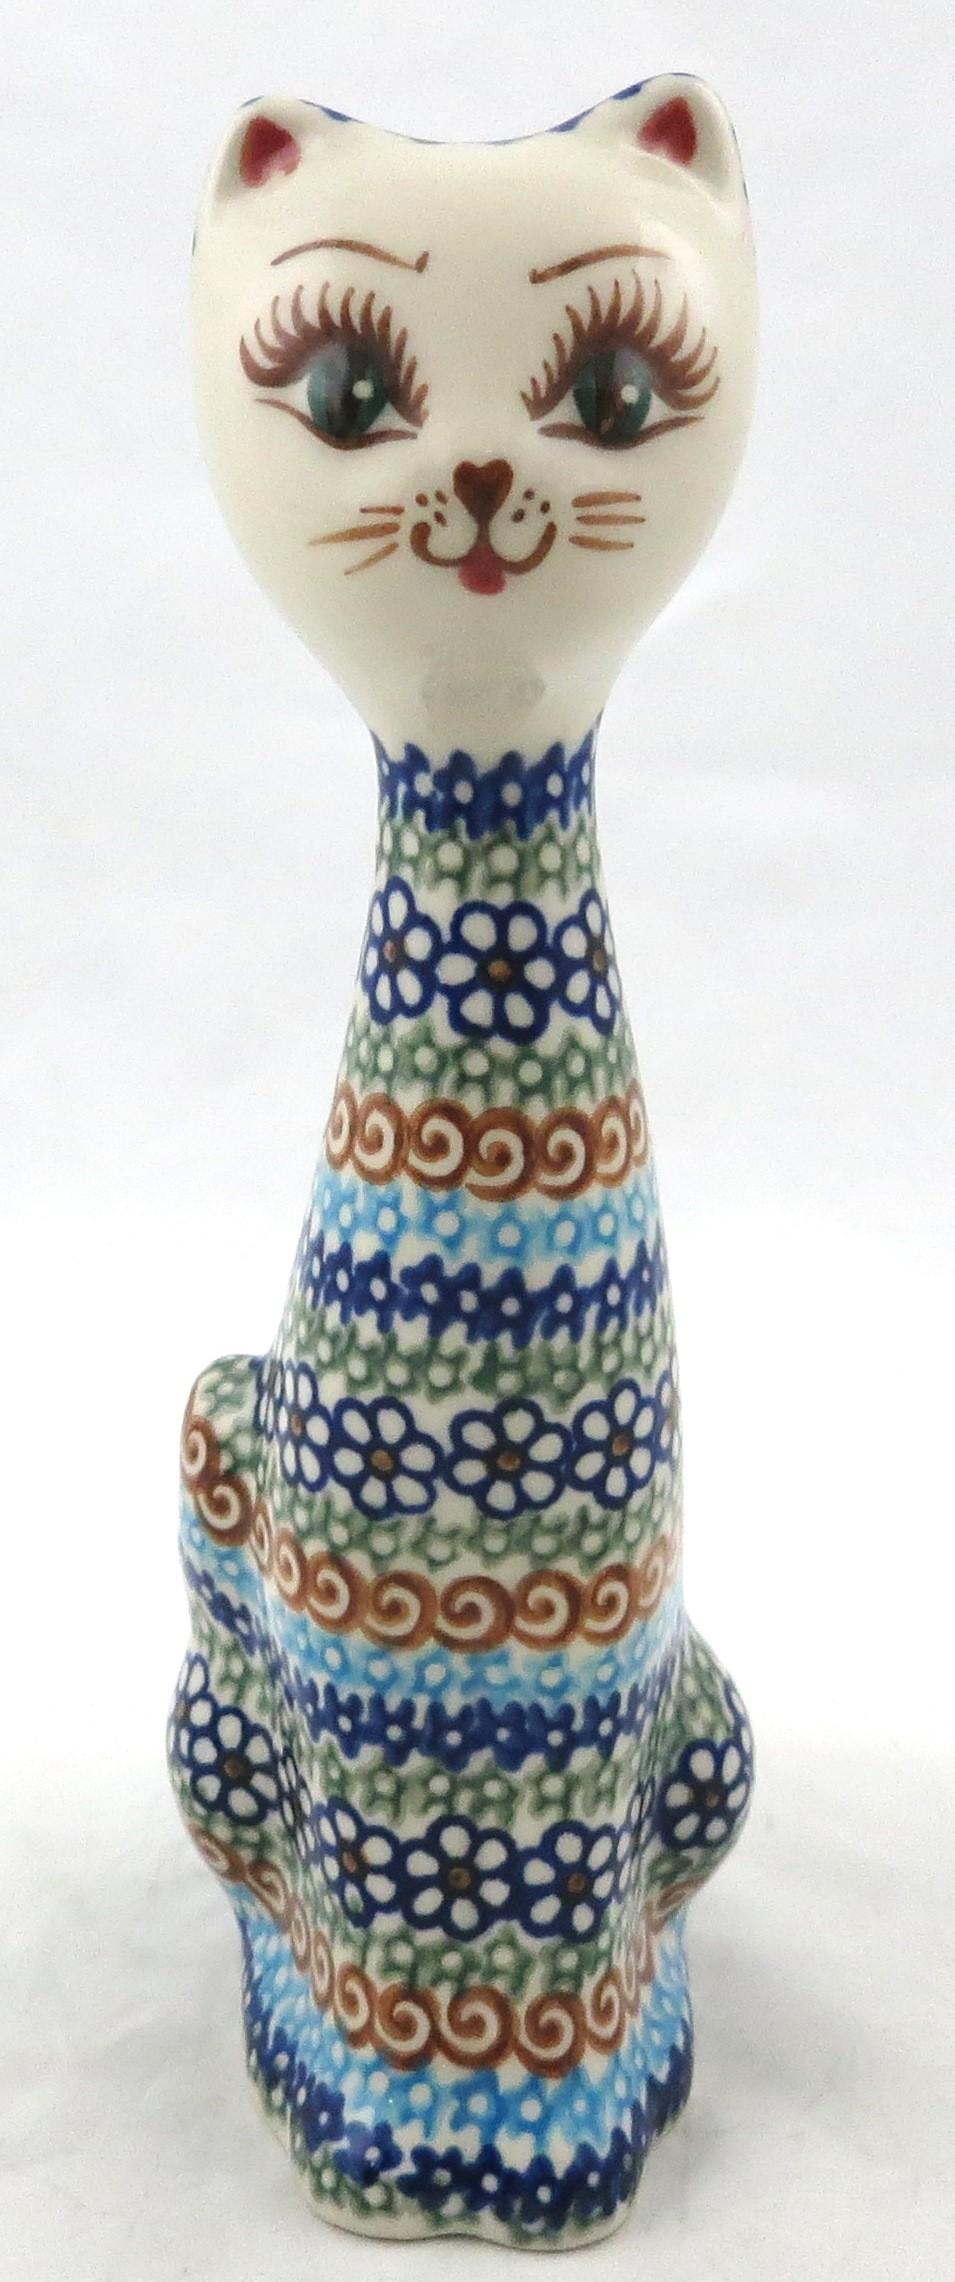 Pottery Avenue Cat Figurine | VENA UNIKAT